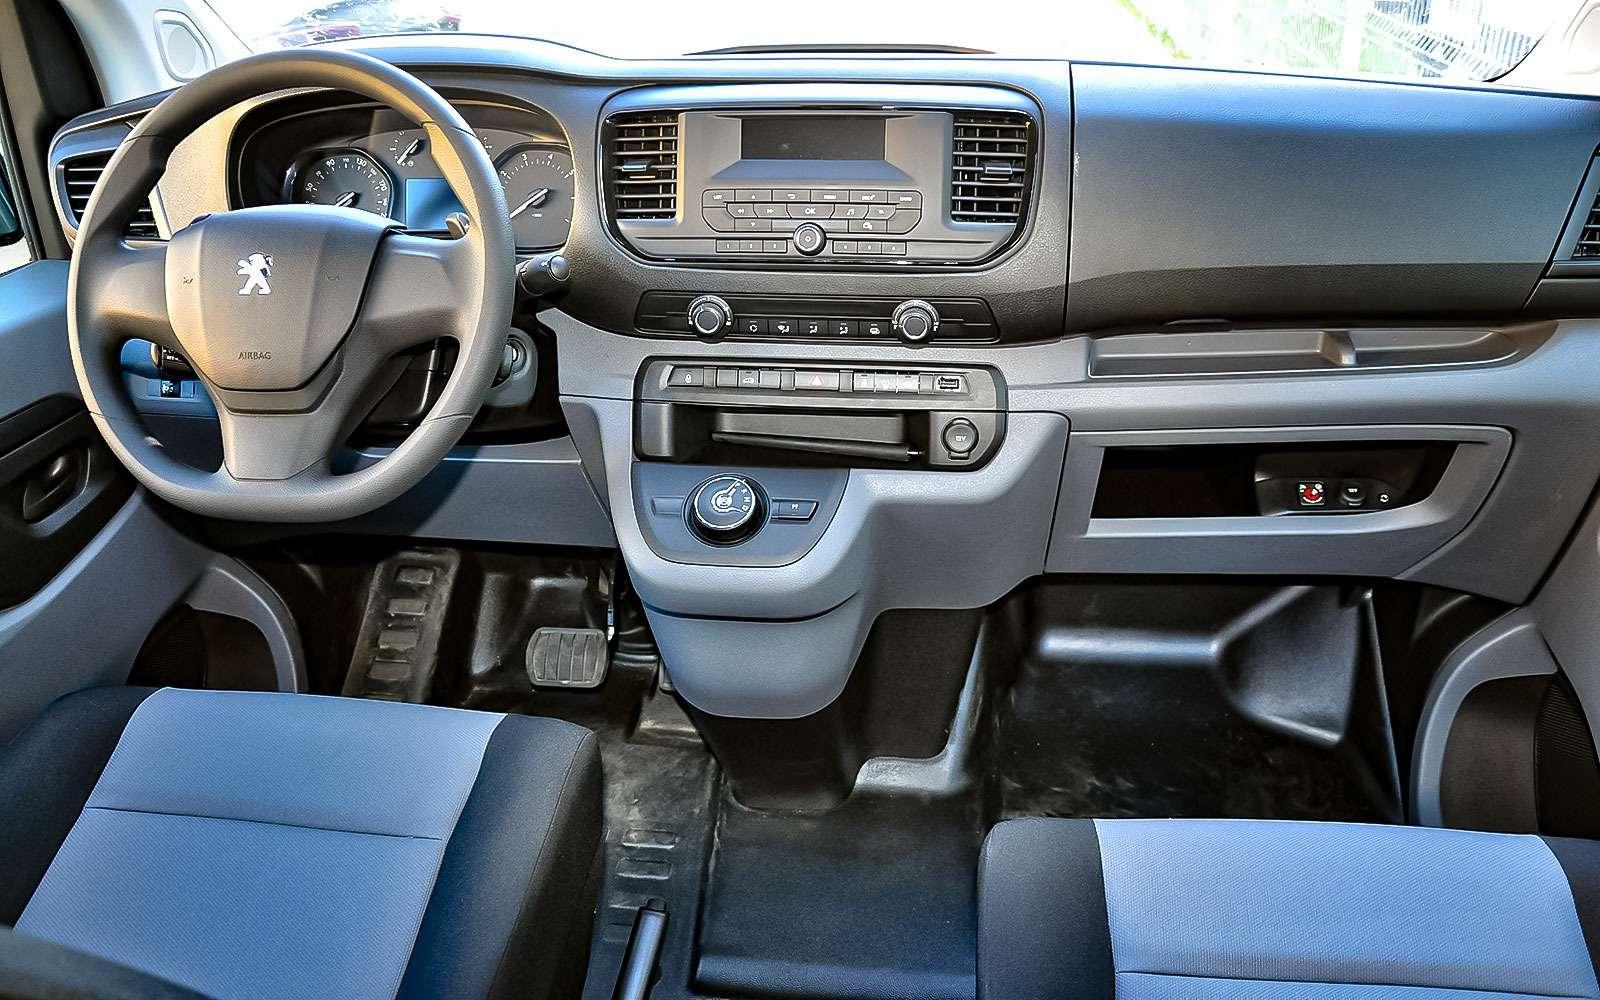 Новые Peugeot Expert иCitroen Jumpy готовятся кстарту продаж— фото 758533